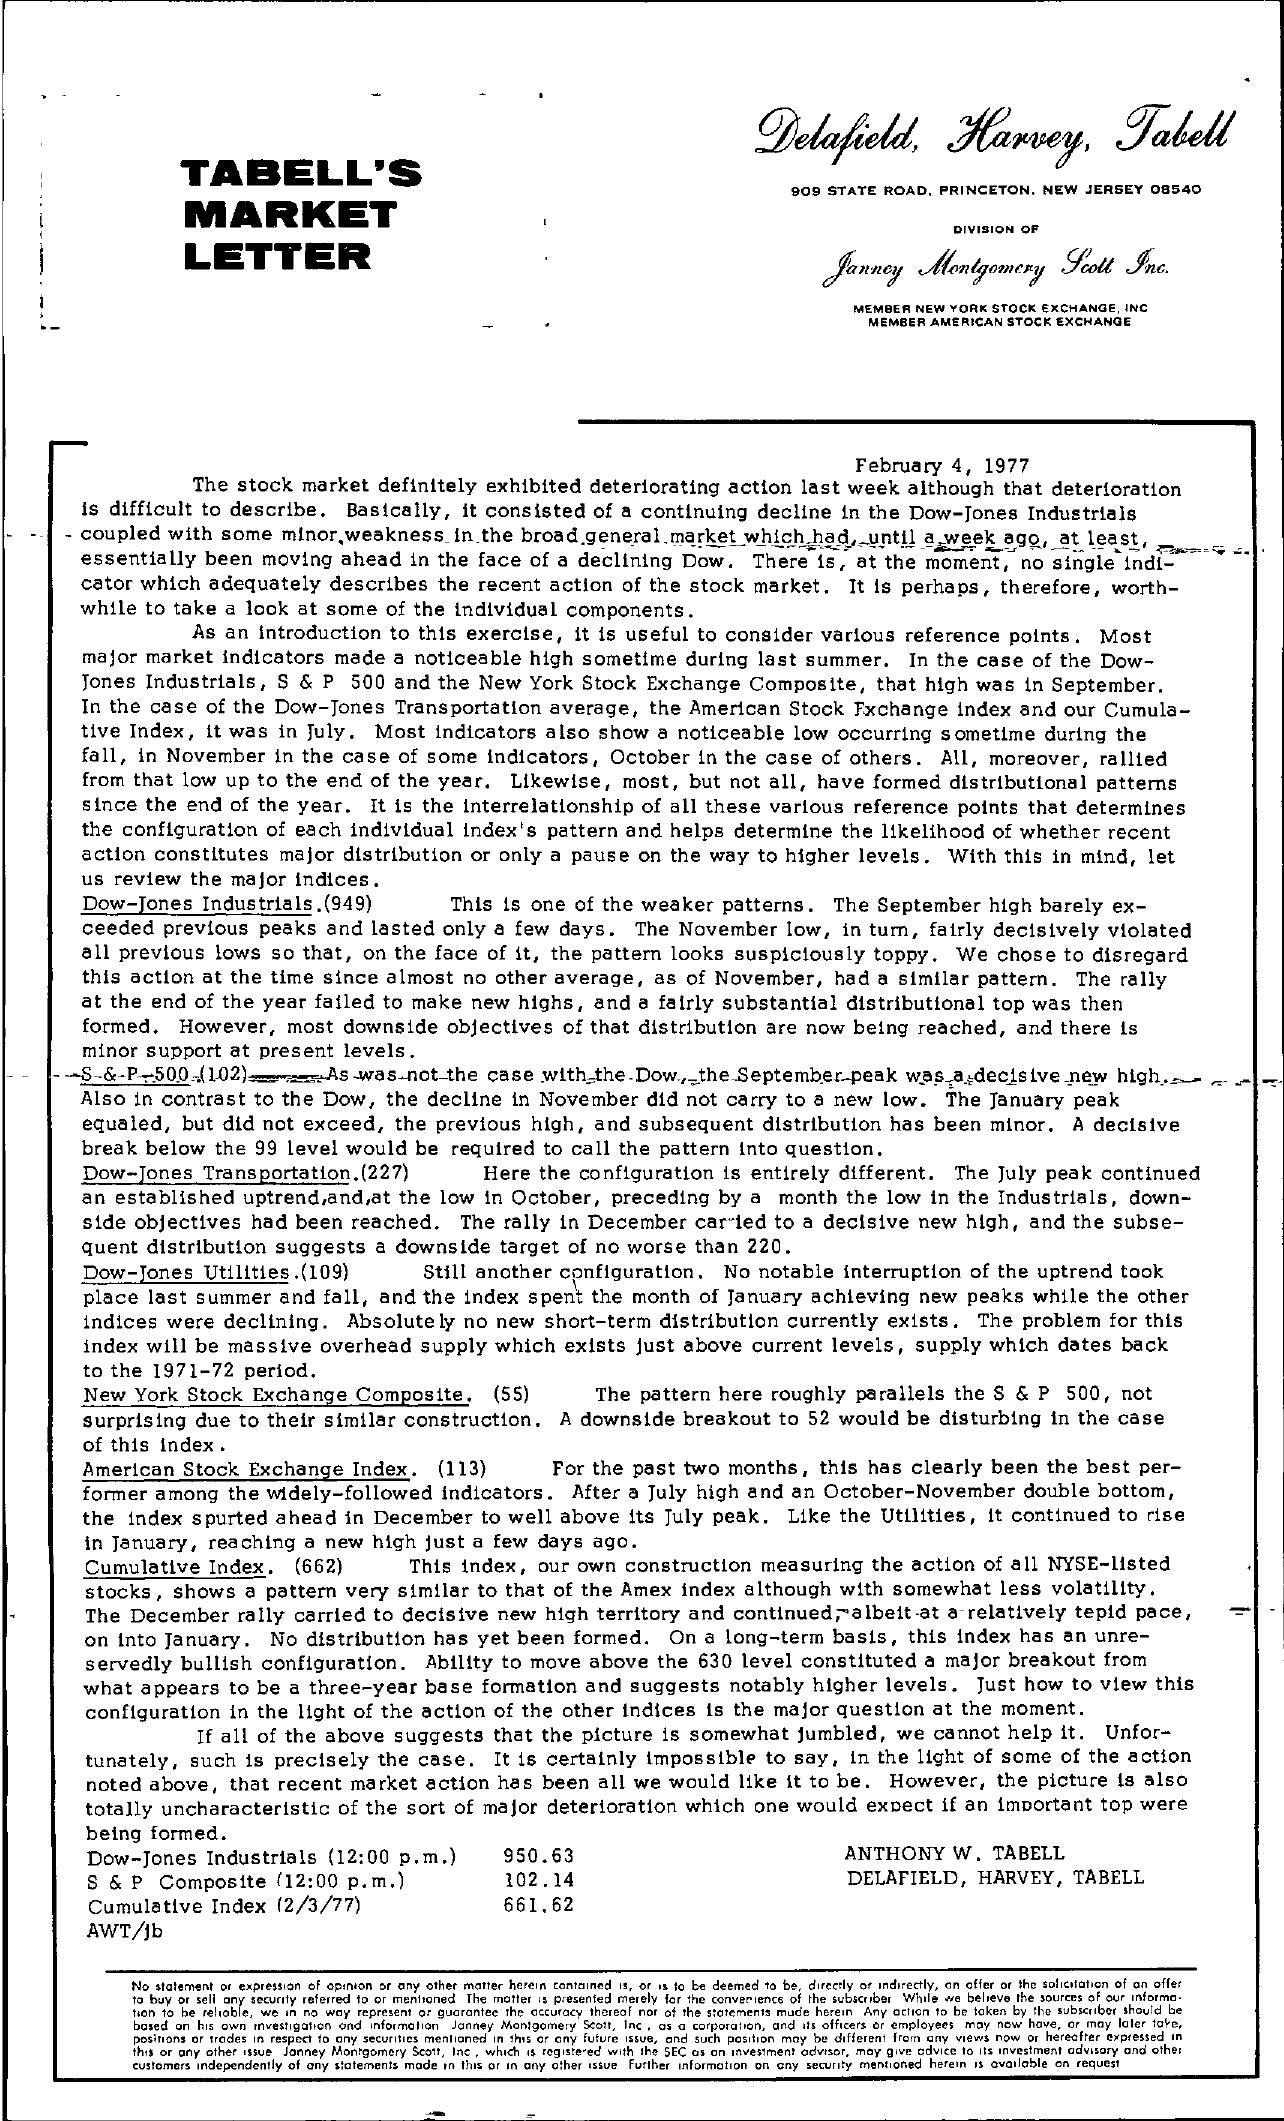 Tabell's Market Letter - February 04, 1977